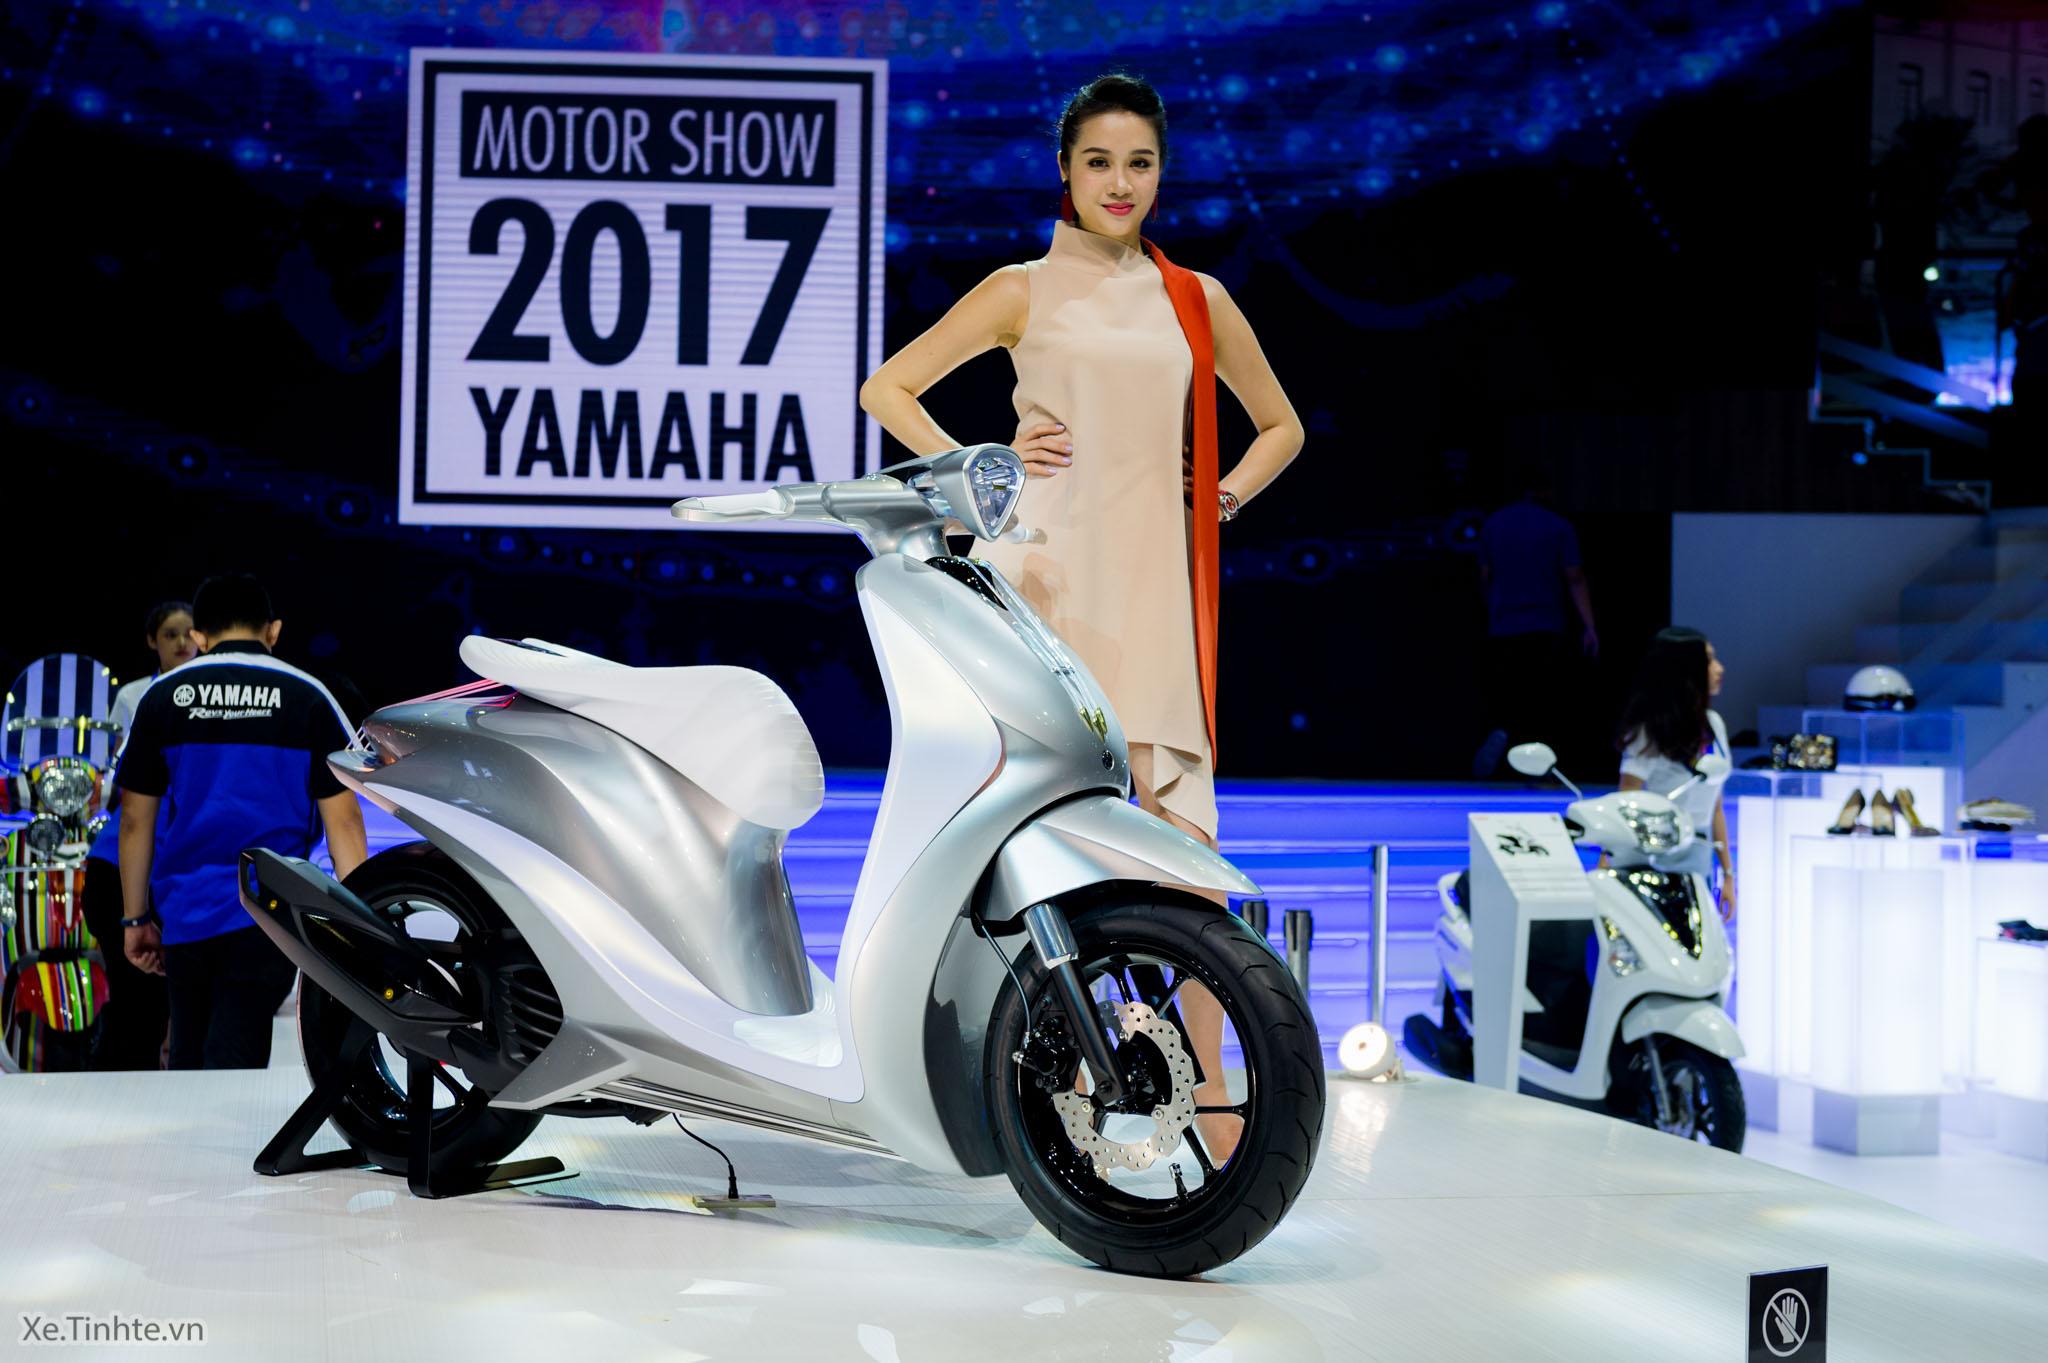 Yamaha Glorious